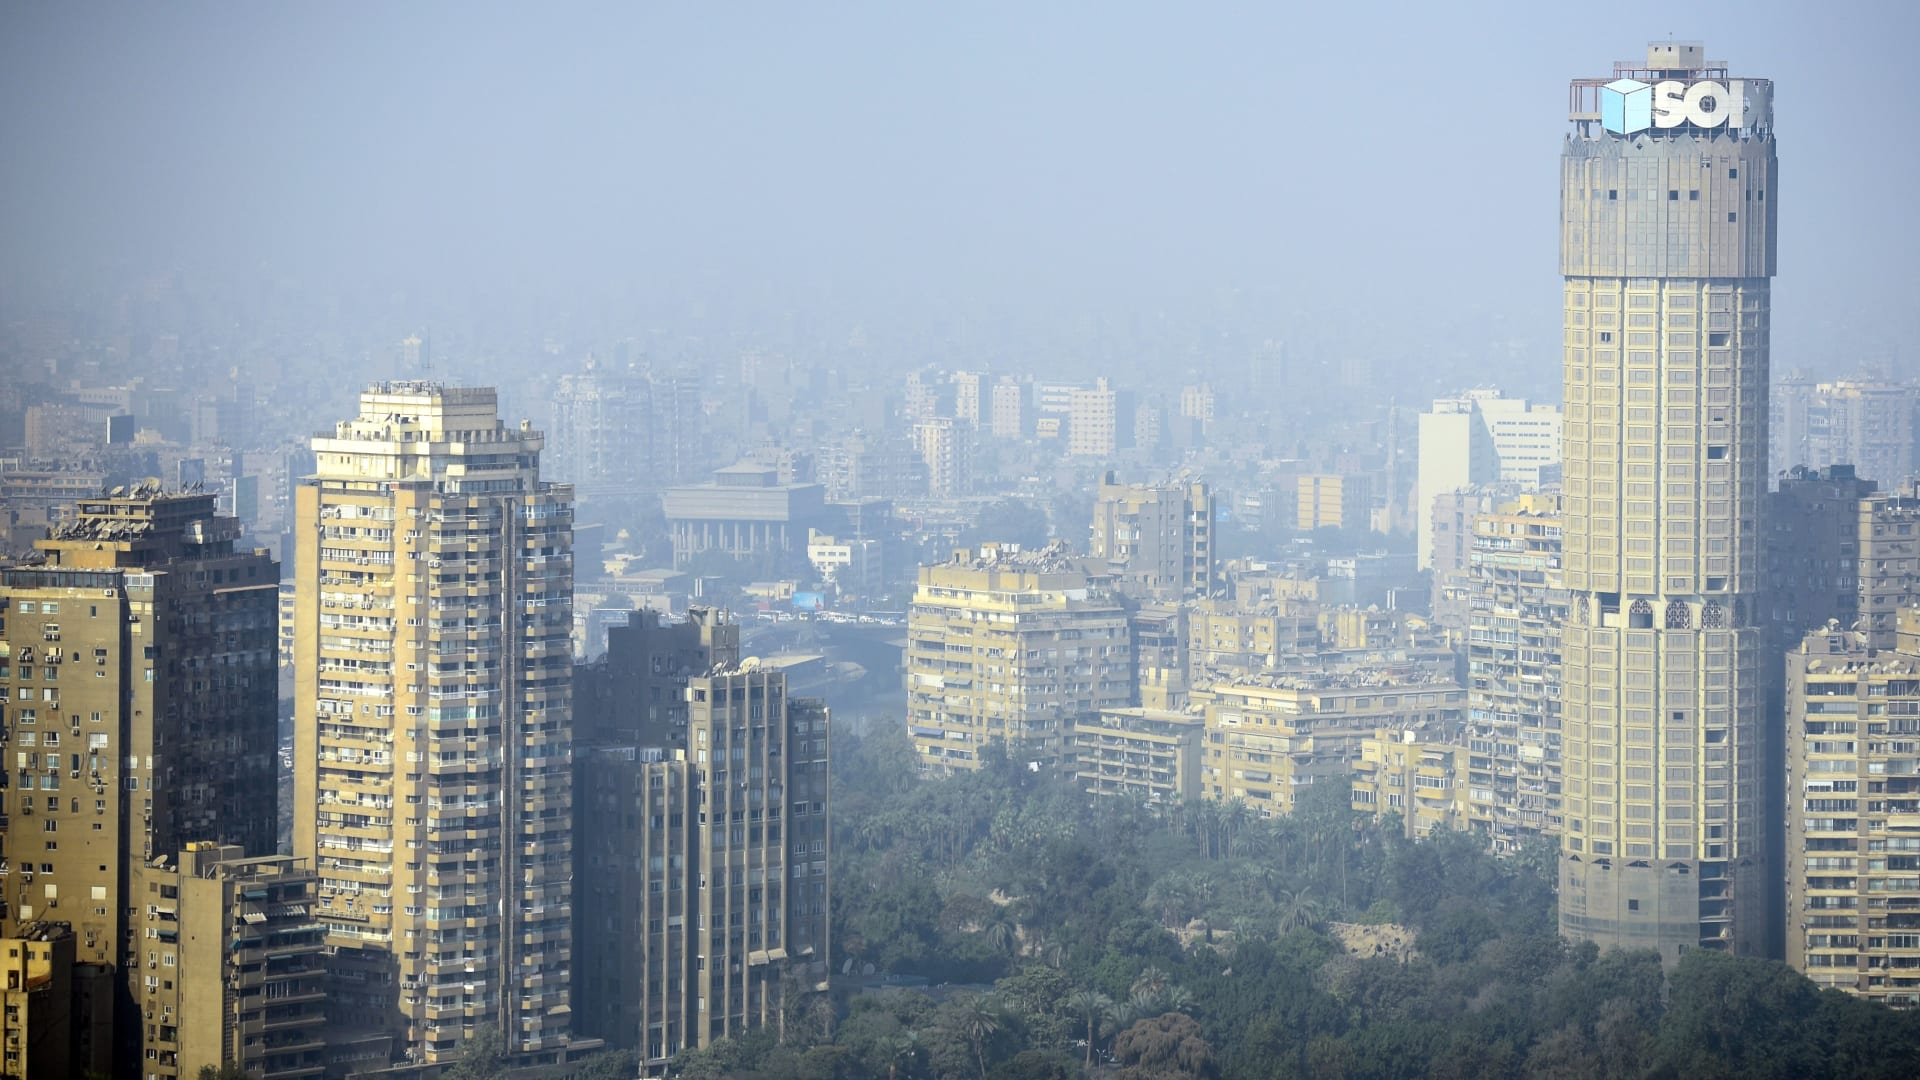 خبراء: خفض عائد شهادات البنك الأهلى لن يؤثر على أسعار الفائدة في مصر